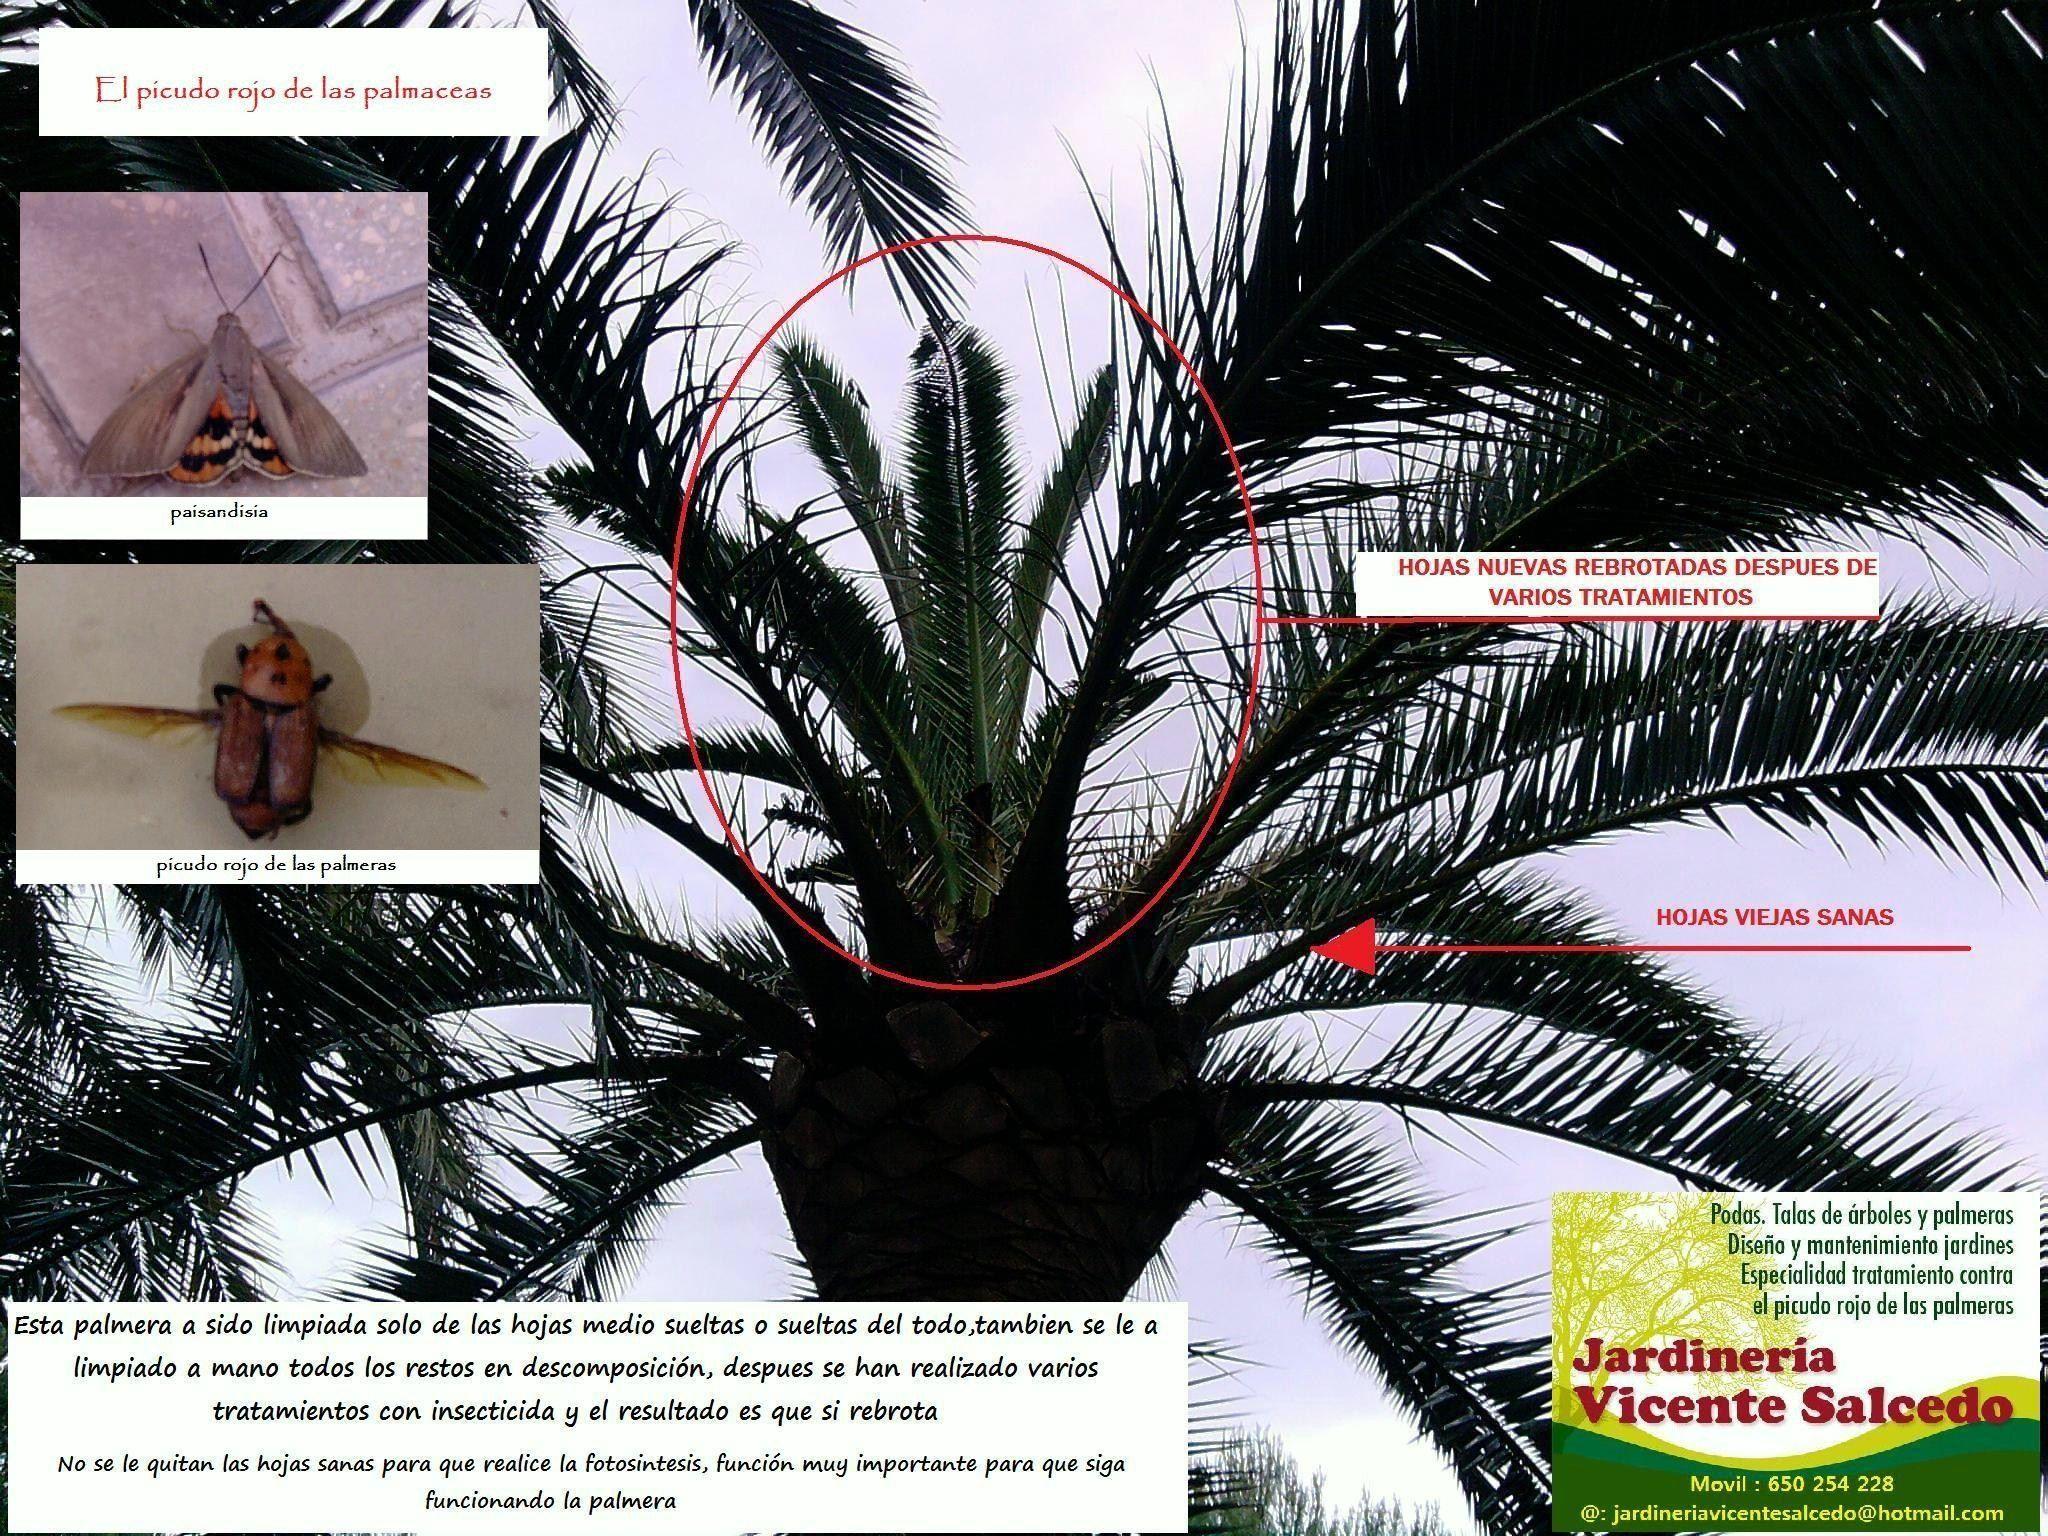 tratamiento de palmeras contra el picudo